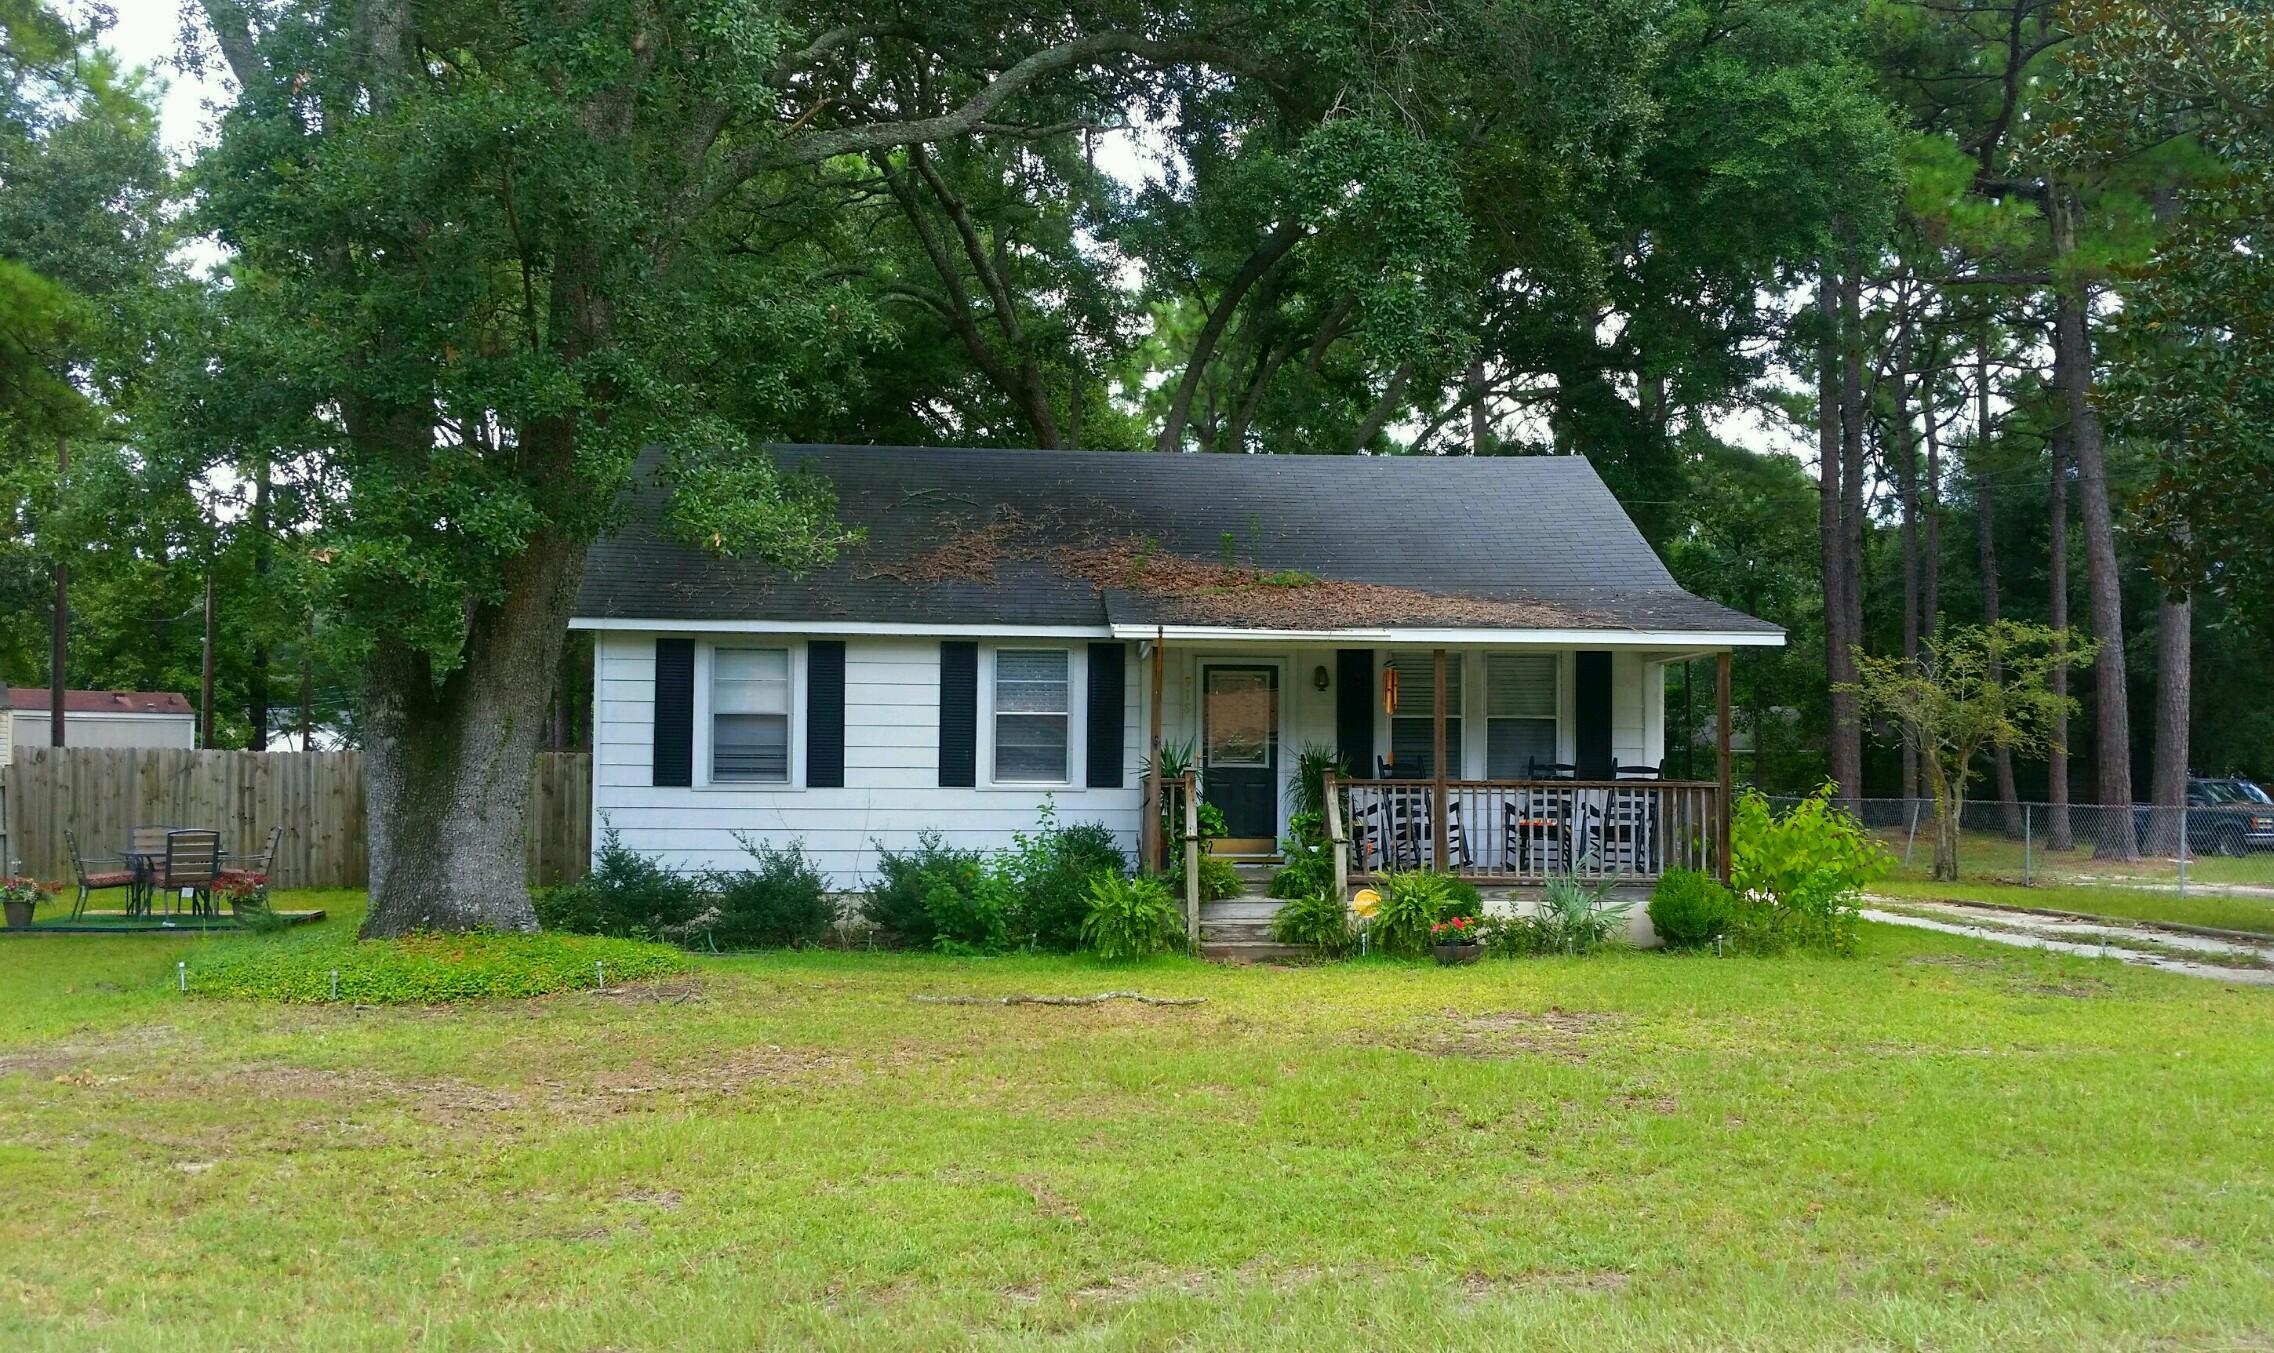 918 Brinkley Street, Georgetown, South Carolina 29440